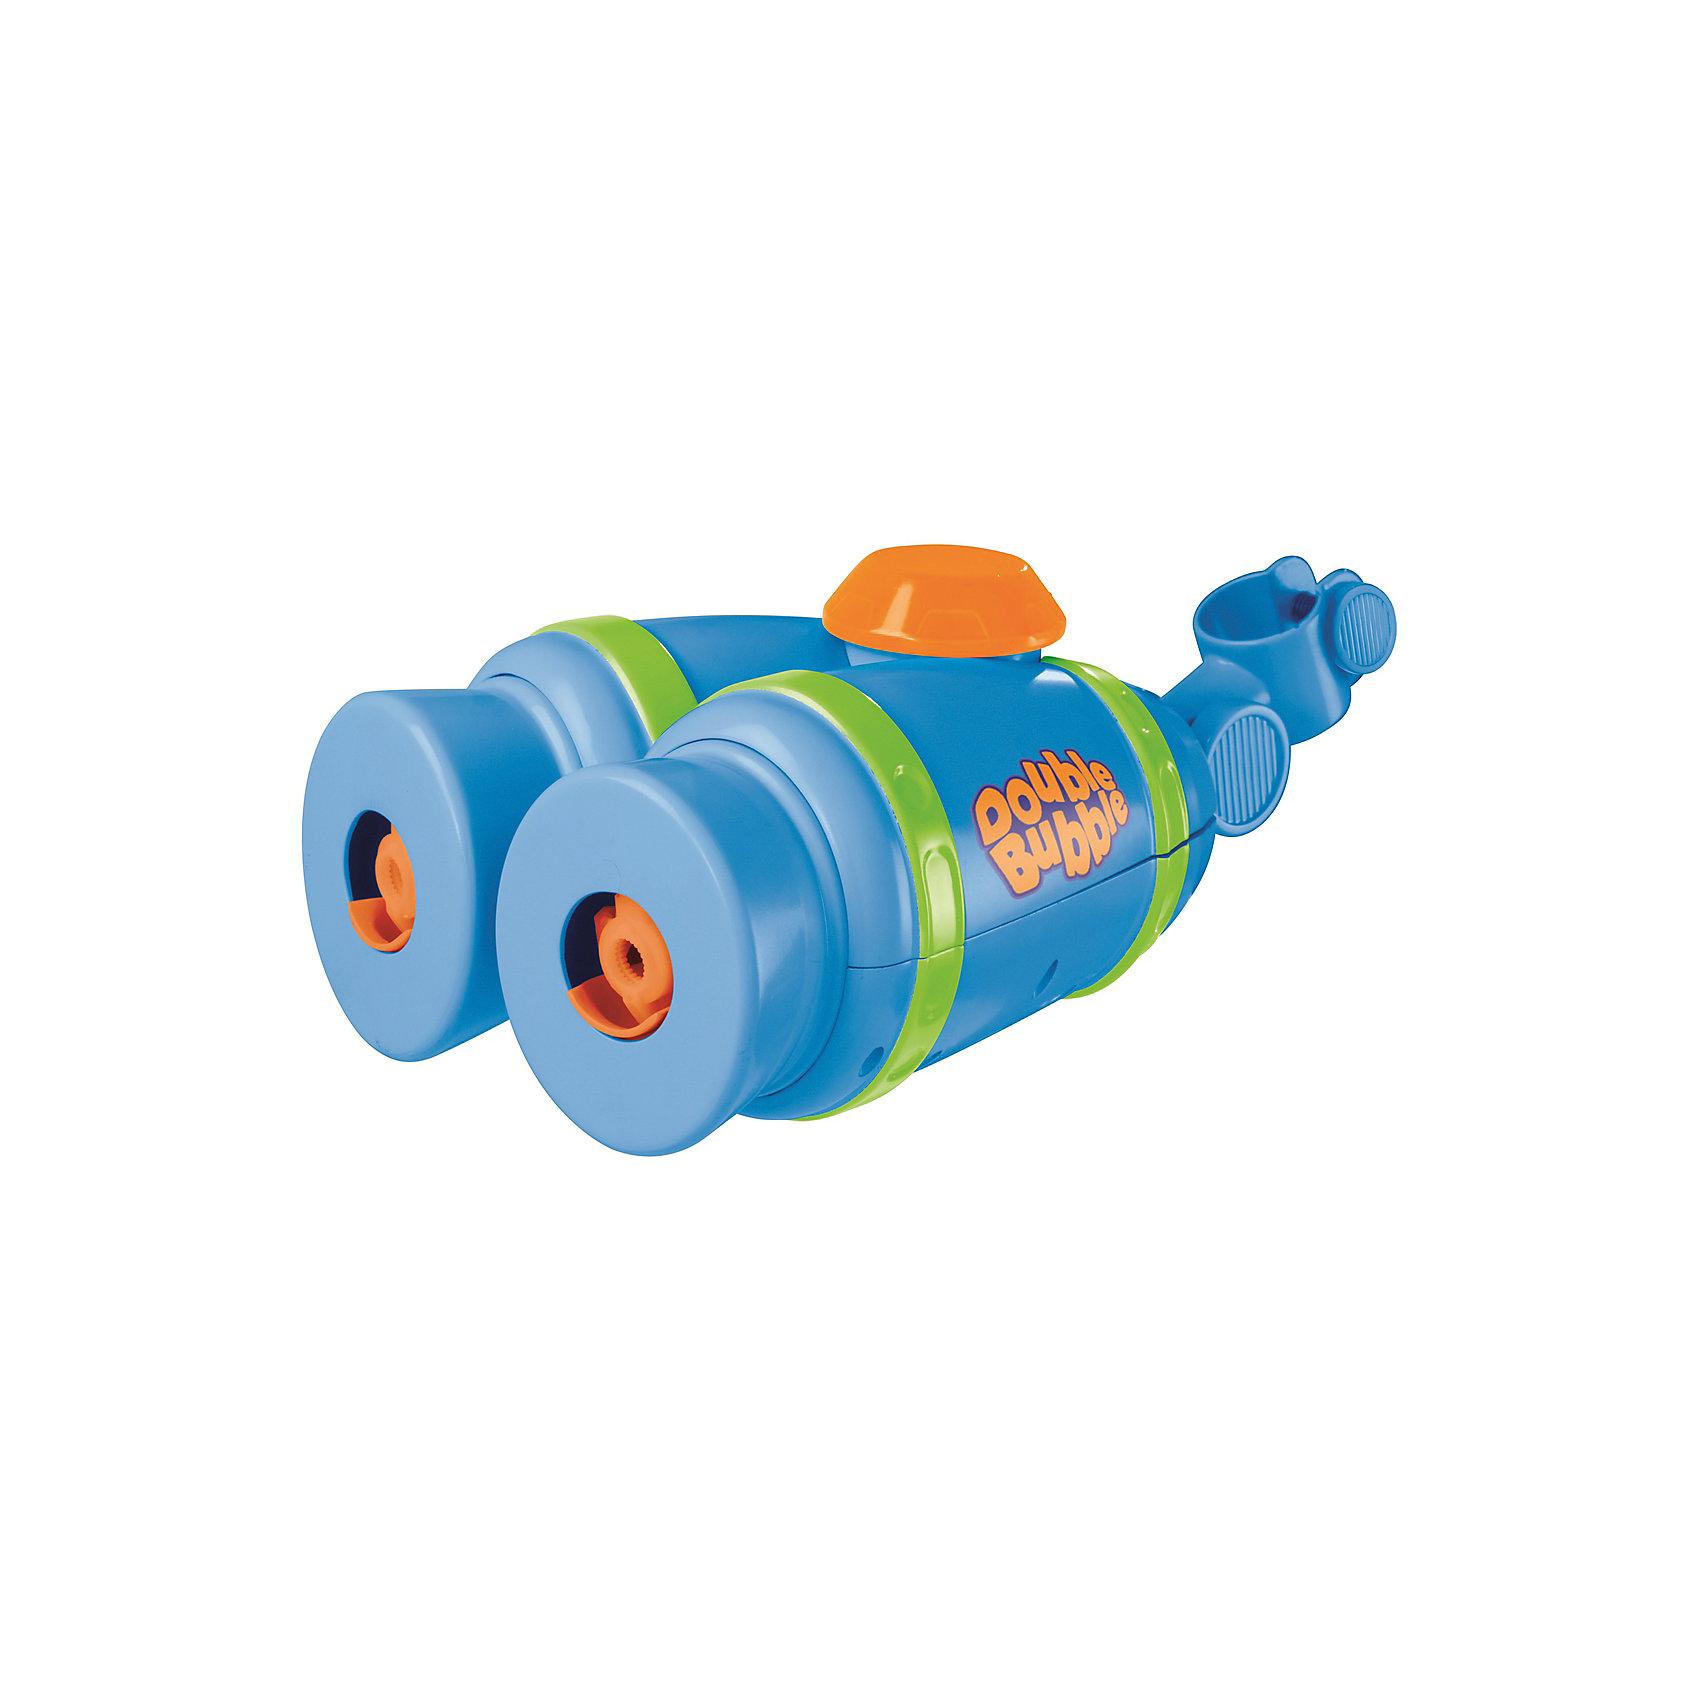 Автоматическая установка по созданию мыльных пузырей Выхлопная труба, HTIАвтоматическая установка по созданию мыльных пузырей Выхлопная труба, HTI.<br><br>Характеристика: <br><br>• Материал: пластик, мыло.<br>• Размер: 19х15х10 см. <br>• Комплектация: установка Выхлопная труба, жидкость для пузырей. <br>• Крепится к сиденью велосипеда. <br>• Пузыри генерируется во время движения. <br>• Нетоксичный мыльный состав заливается в специальное отверстие. <br>• Элемент питания: 3 АА батарейки (не входят в комплекте). <br><br>Тебе нравится пускать мыльные пузыри? А кататься на велосипеде? Теперь два любимых занятия можно легко объединить! Автоматическая установка по созданию мыльных пузырей Выхлопная труба крепится к сиденью велосипеда. Пузыри появляются во время движения - быстрее крути педали - веселье начинается!<br>Игрушка выполнена из высококачественного прочного пластика, мыльная жидкость имеет нетоксичный состав безопасный для детей.<br><br>Автоматическую установку по созданию мыльных пузырей Выхлопная труба, HT, можно купить в нашем интернет-магазине.<br><br>Ширина мм: 205<br>Глубина мм: 225<br>Высота мм: 115<br>Вес г: 600<br>Возраст от месяцев: 36<br>Возраст до месяцев: 168<br>Пол: Унисекс<br>Возраст: Детский<br>SKU: 5366539